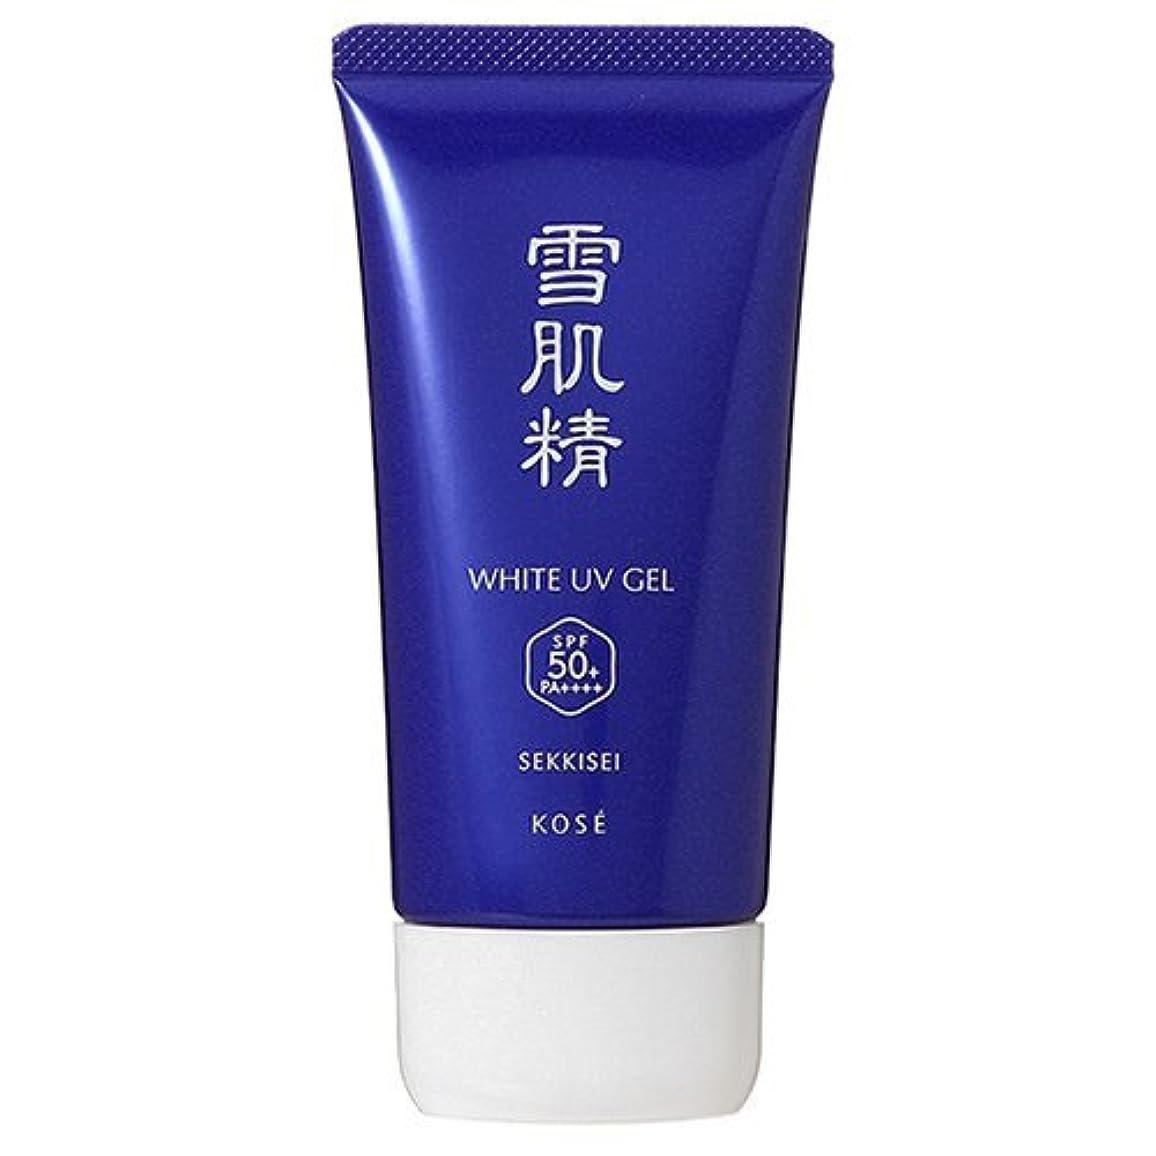 エレメンタルサーフィンコーセー 雪肌精 ホワイト UV ジェル SPF50+/PA++++ 80g